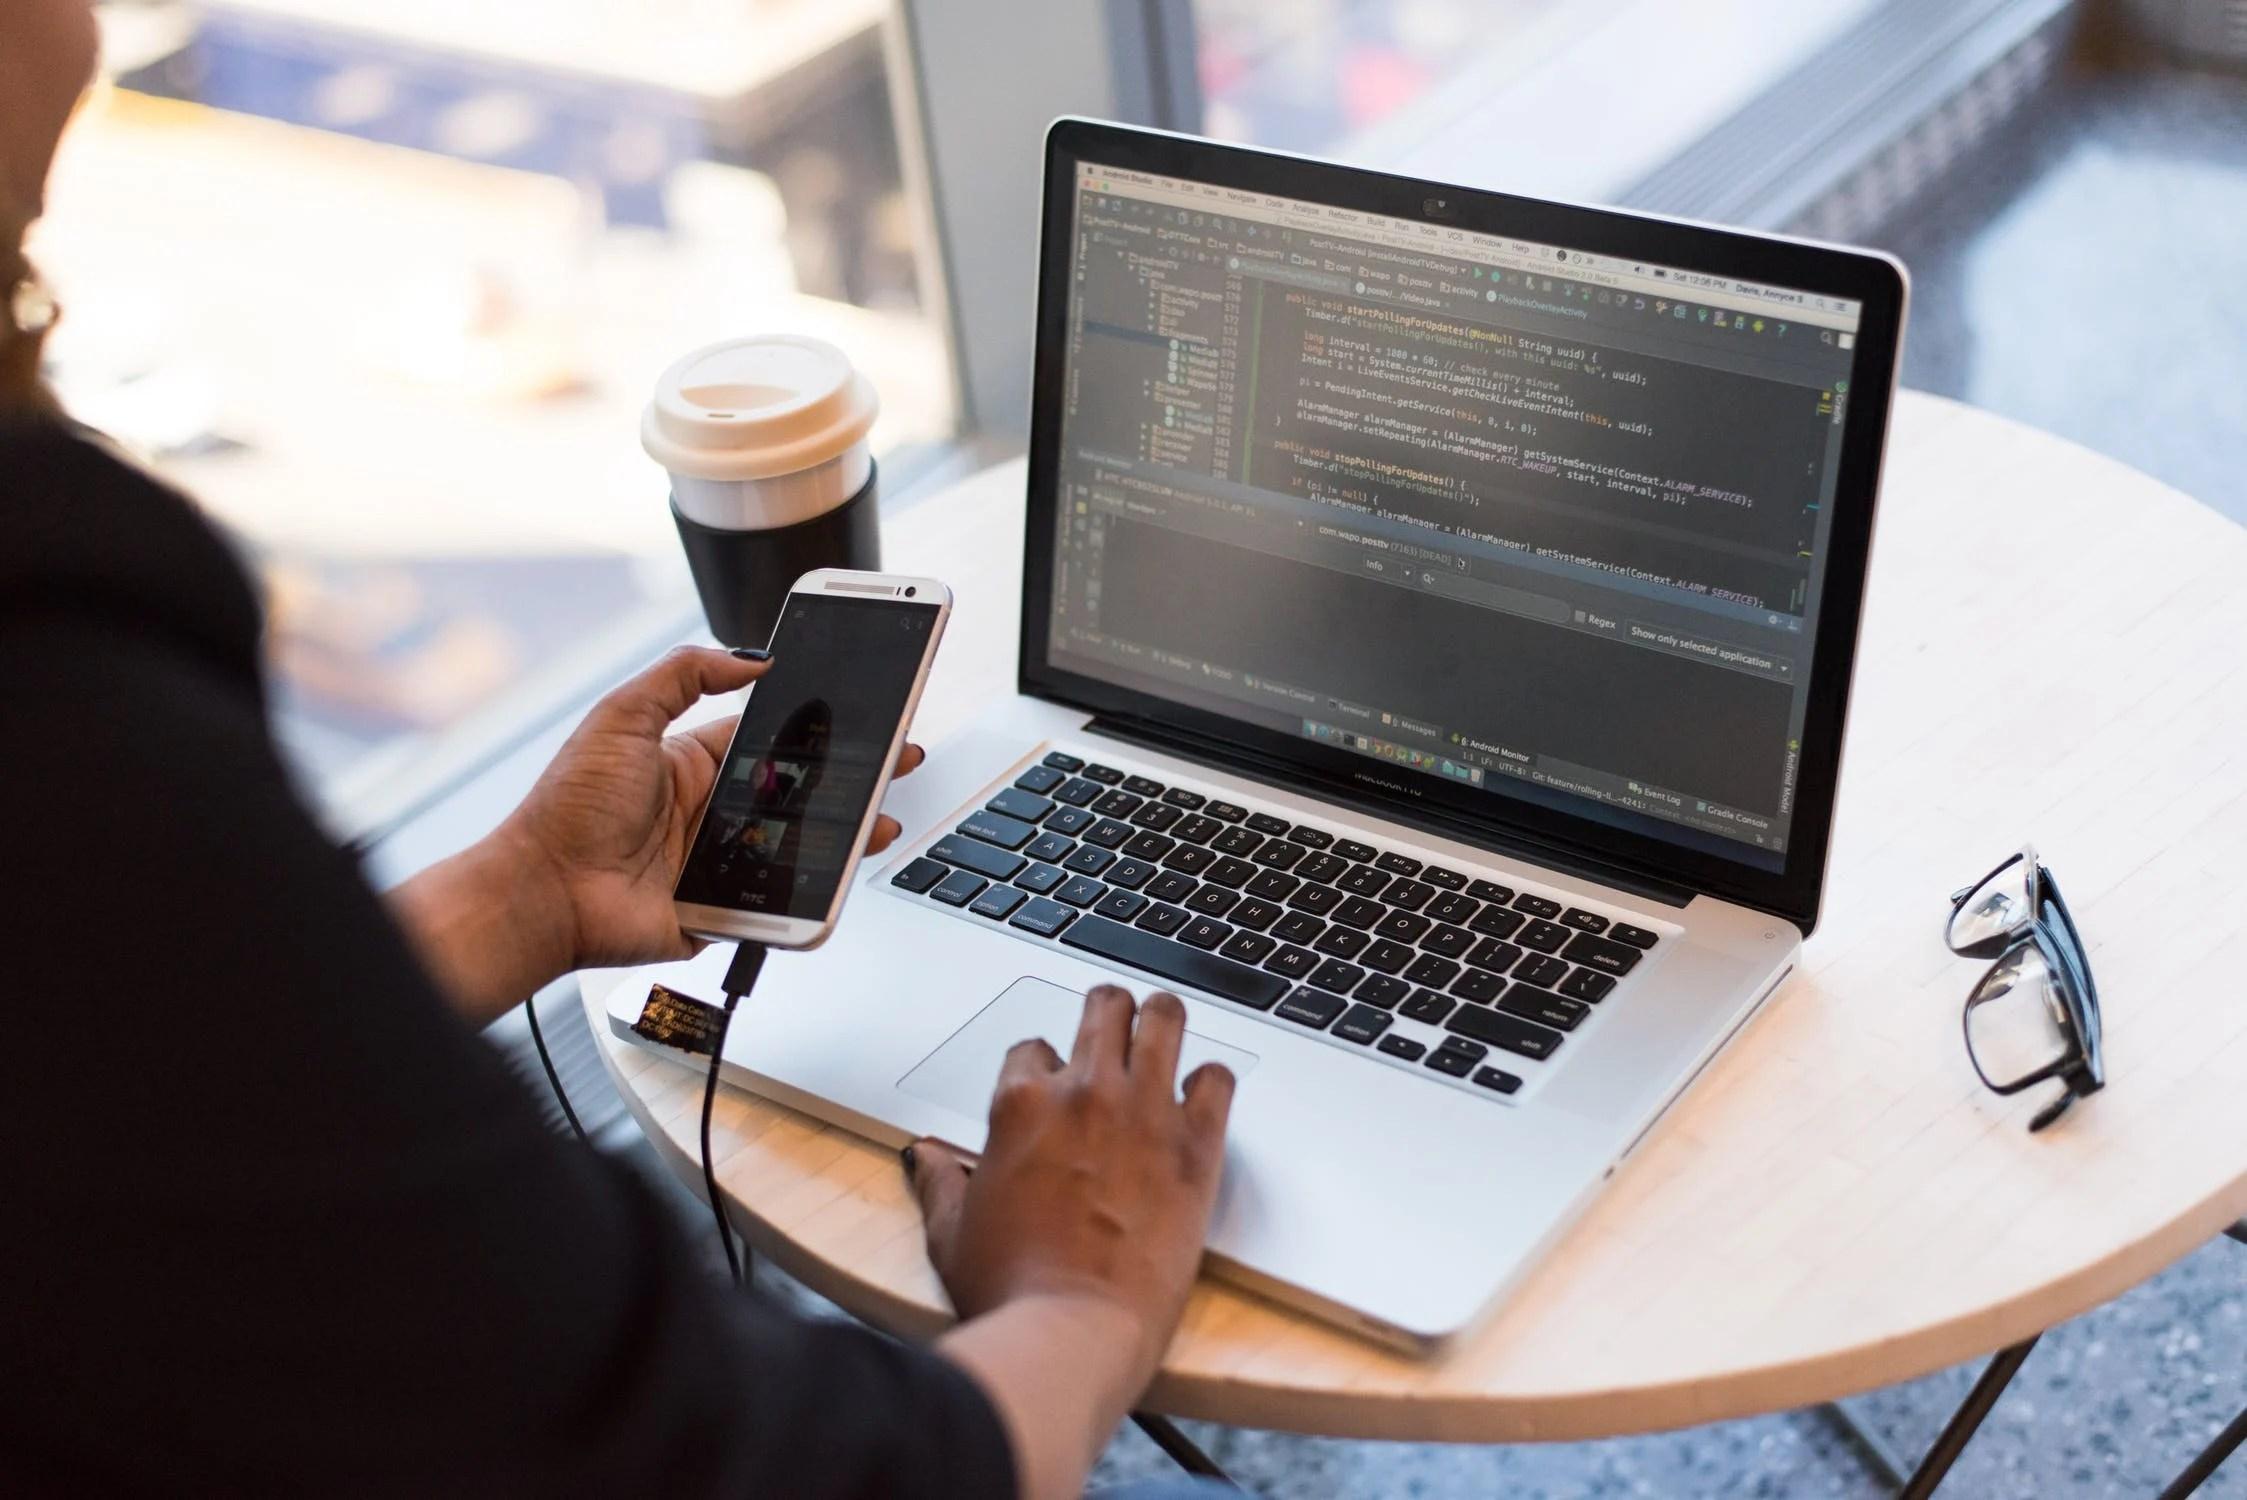 Comment activer ou désactiver le mode développeur sur Android